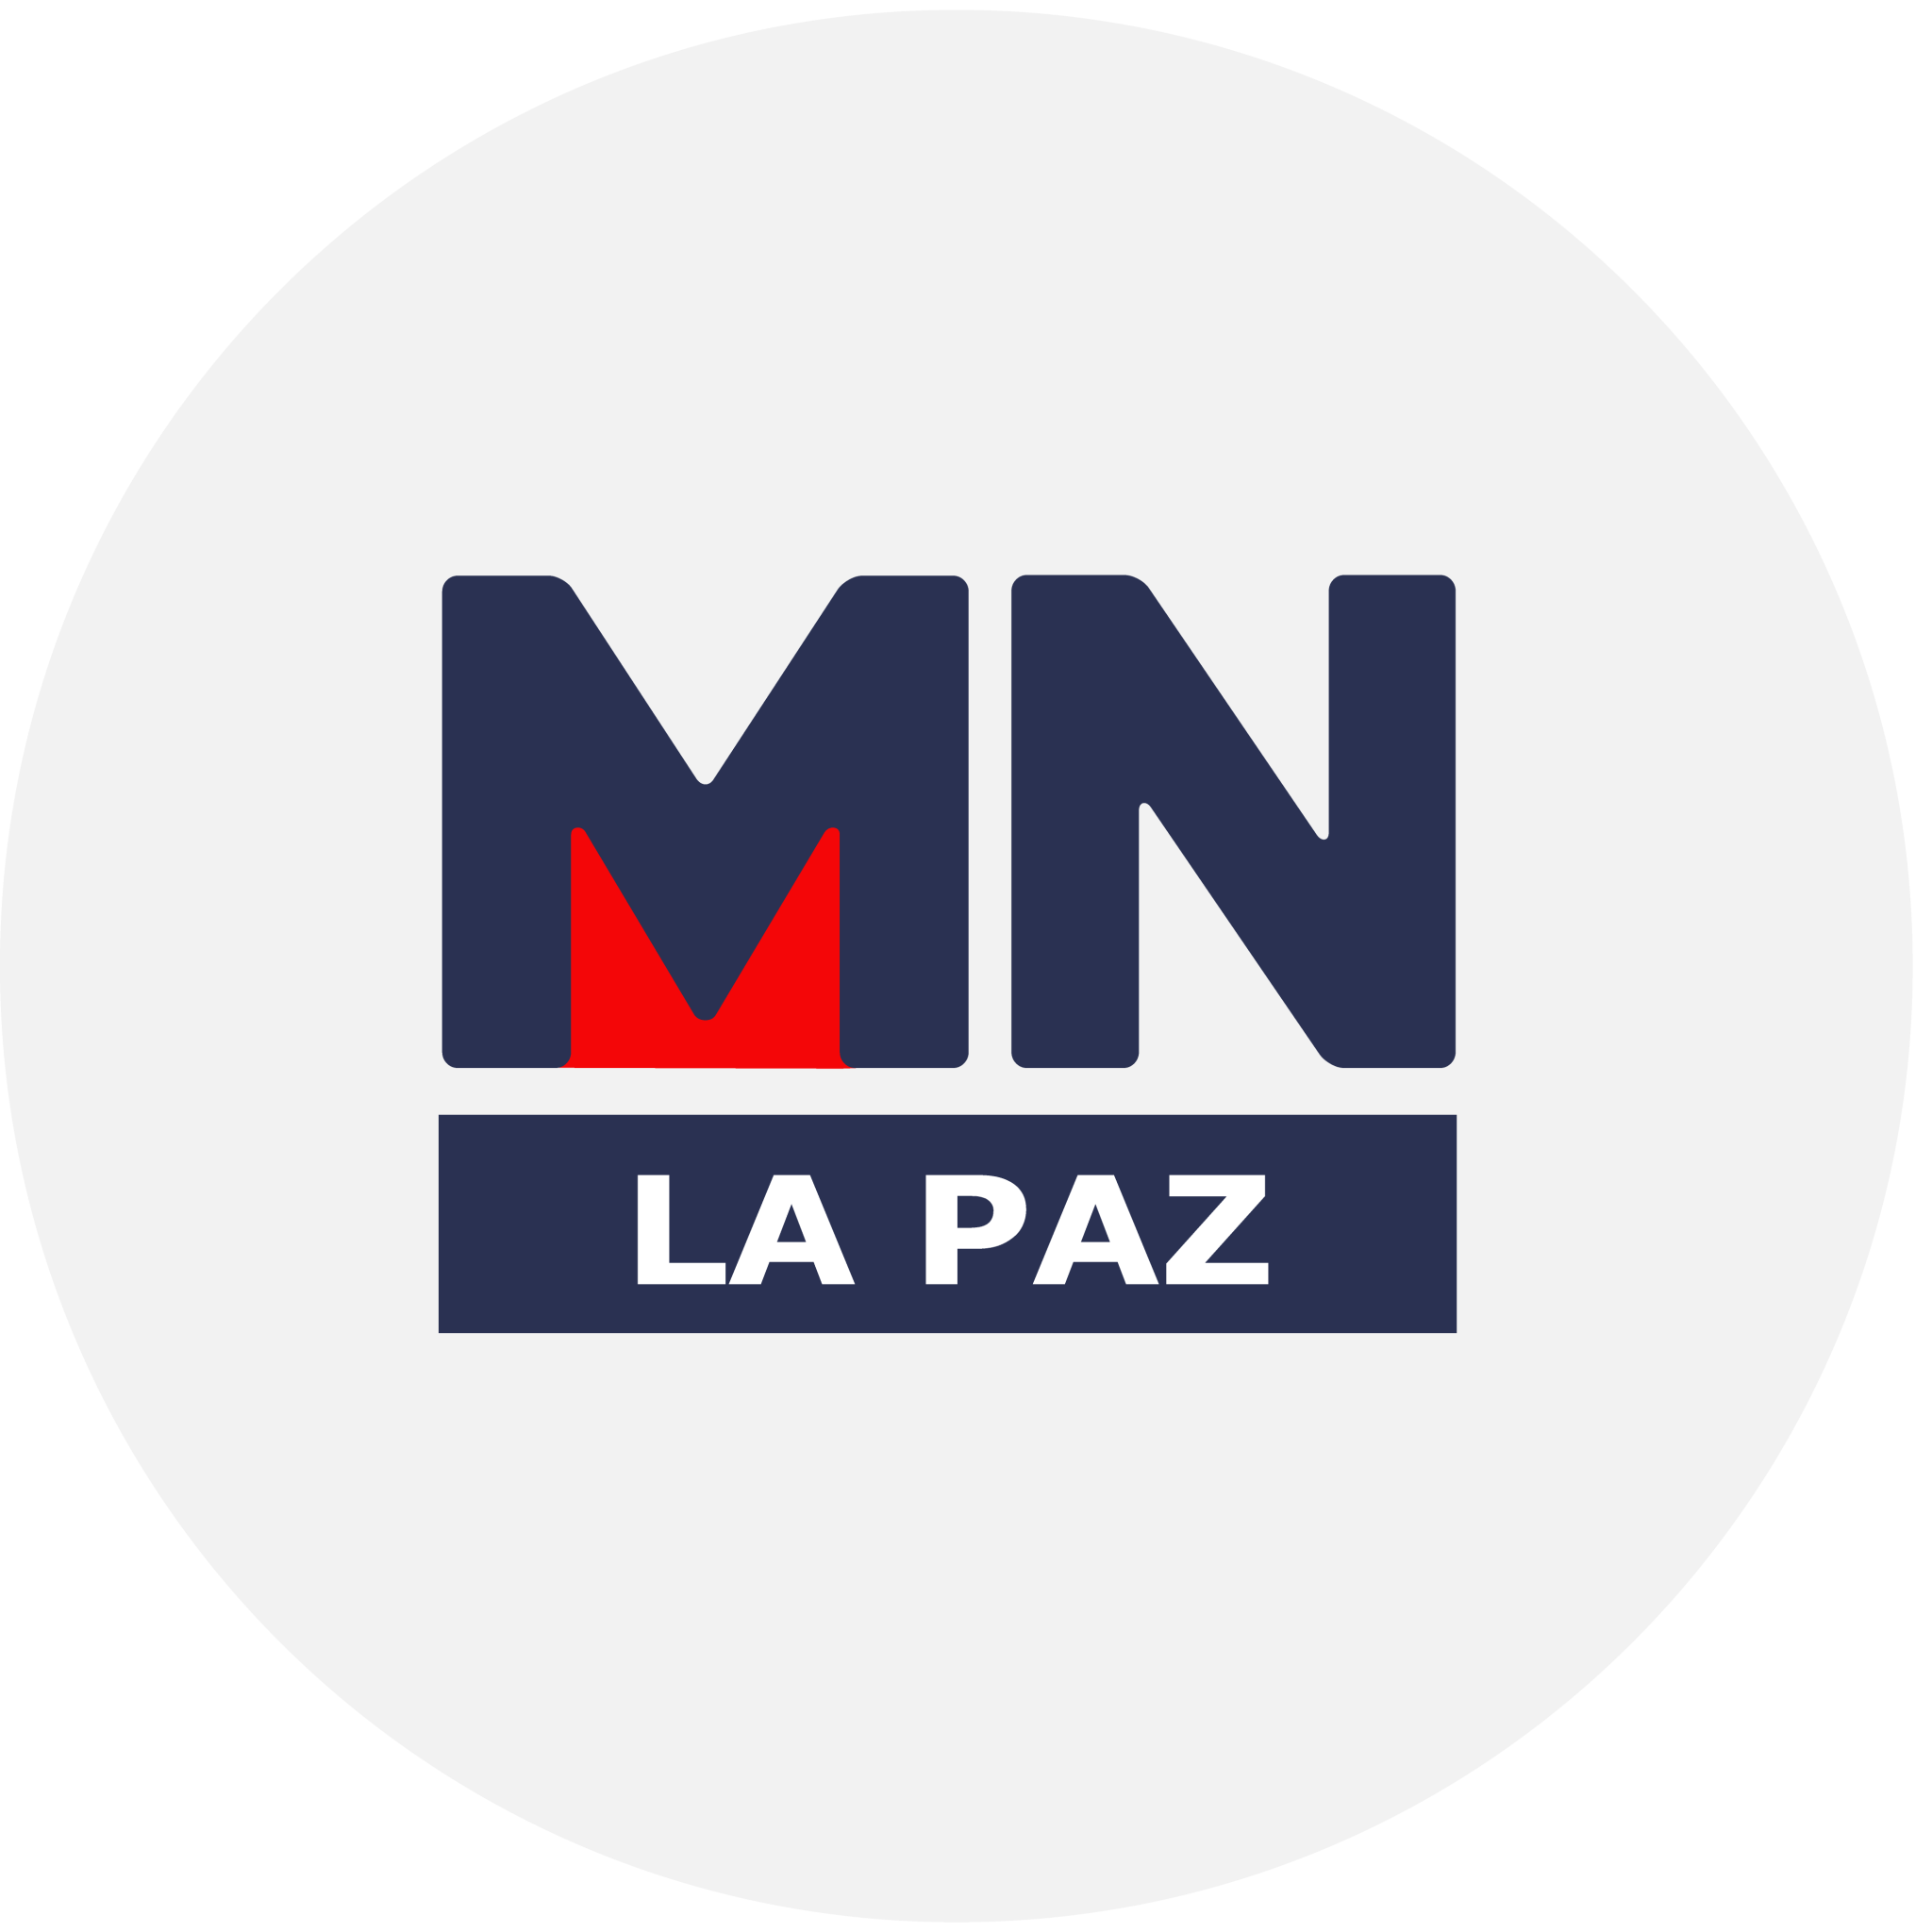 MH_Meganoticias